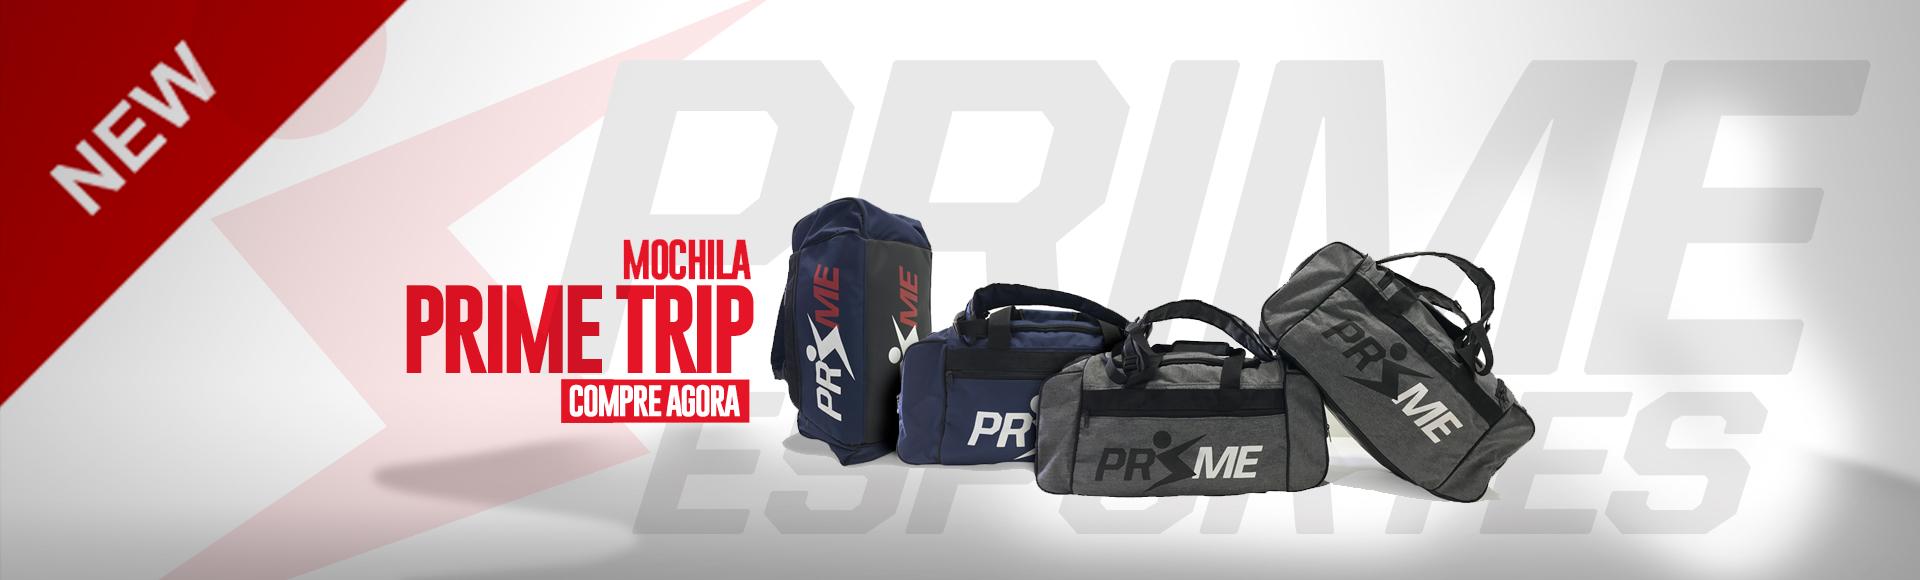 Mochila Prime Trip